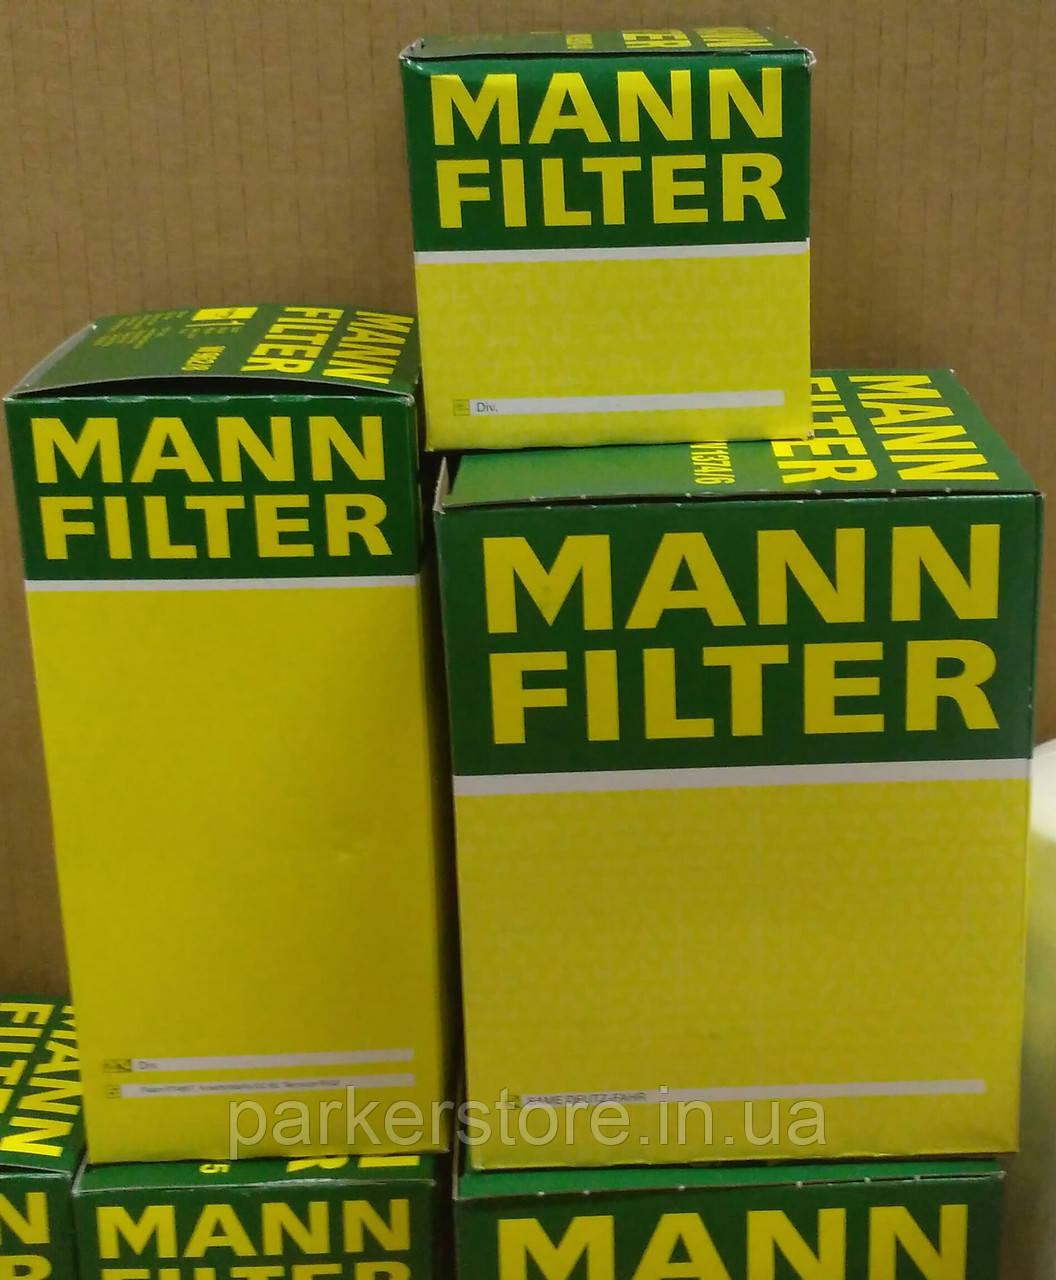 MANN FILTER / Воздушный фильтр / C 24 015 / C24015